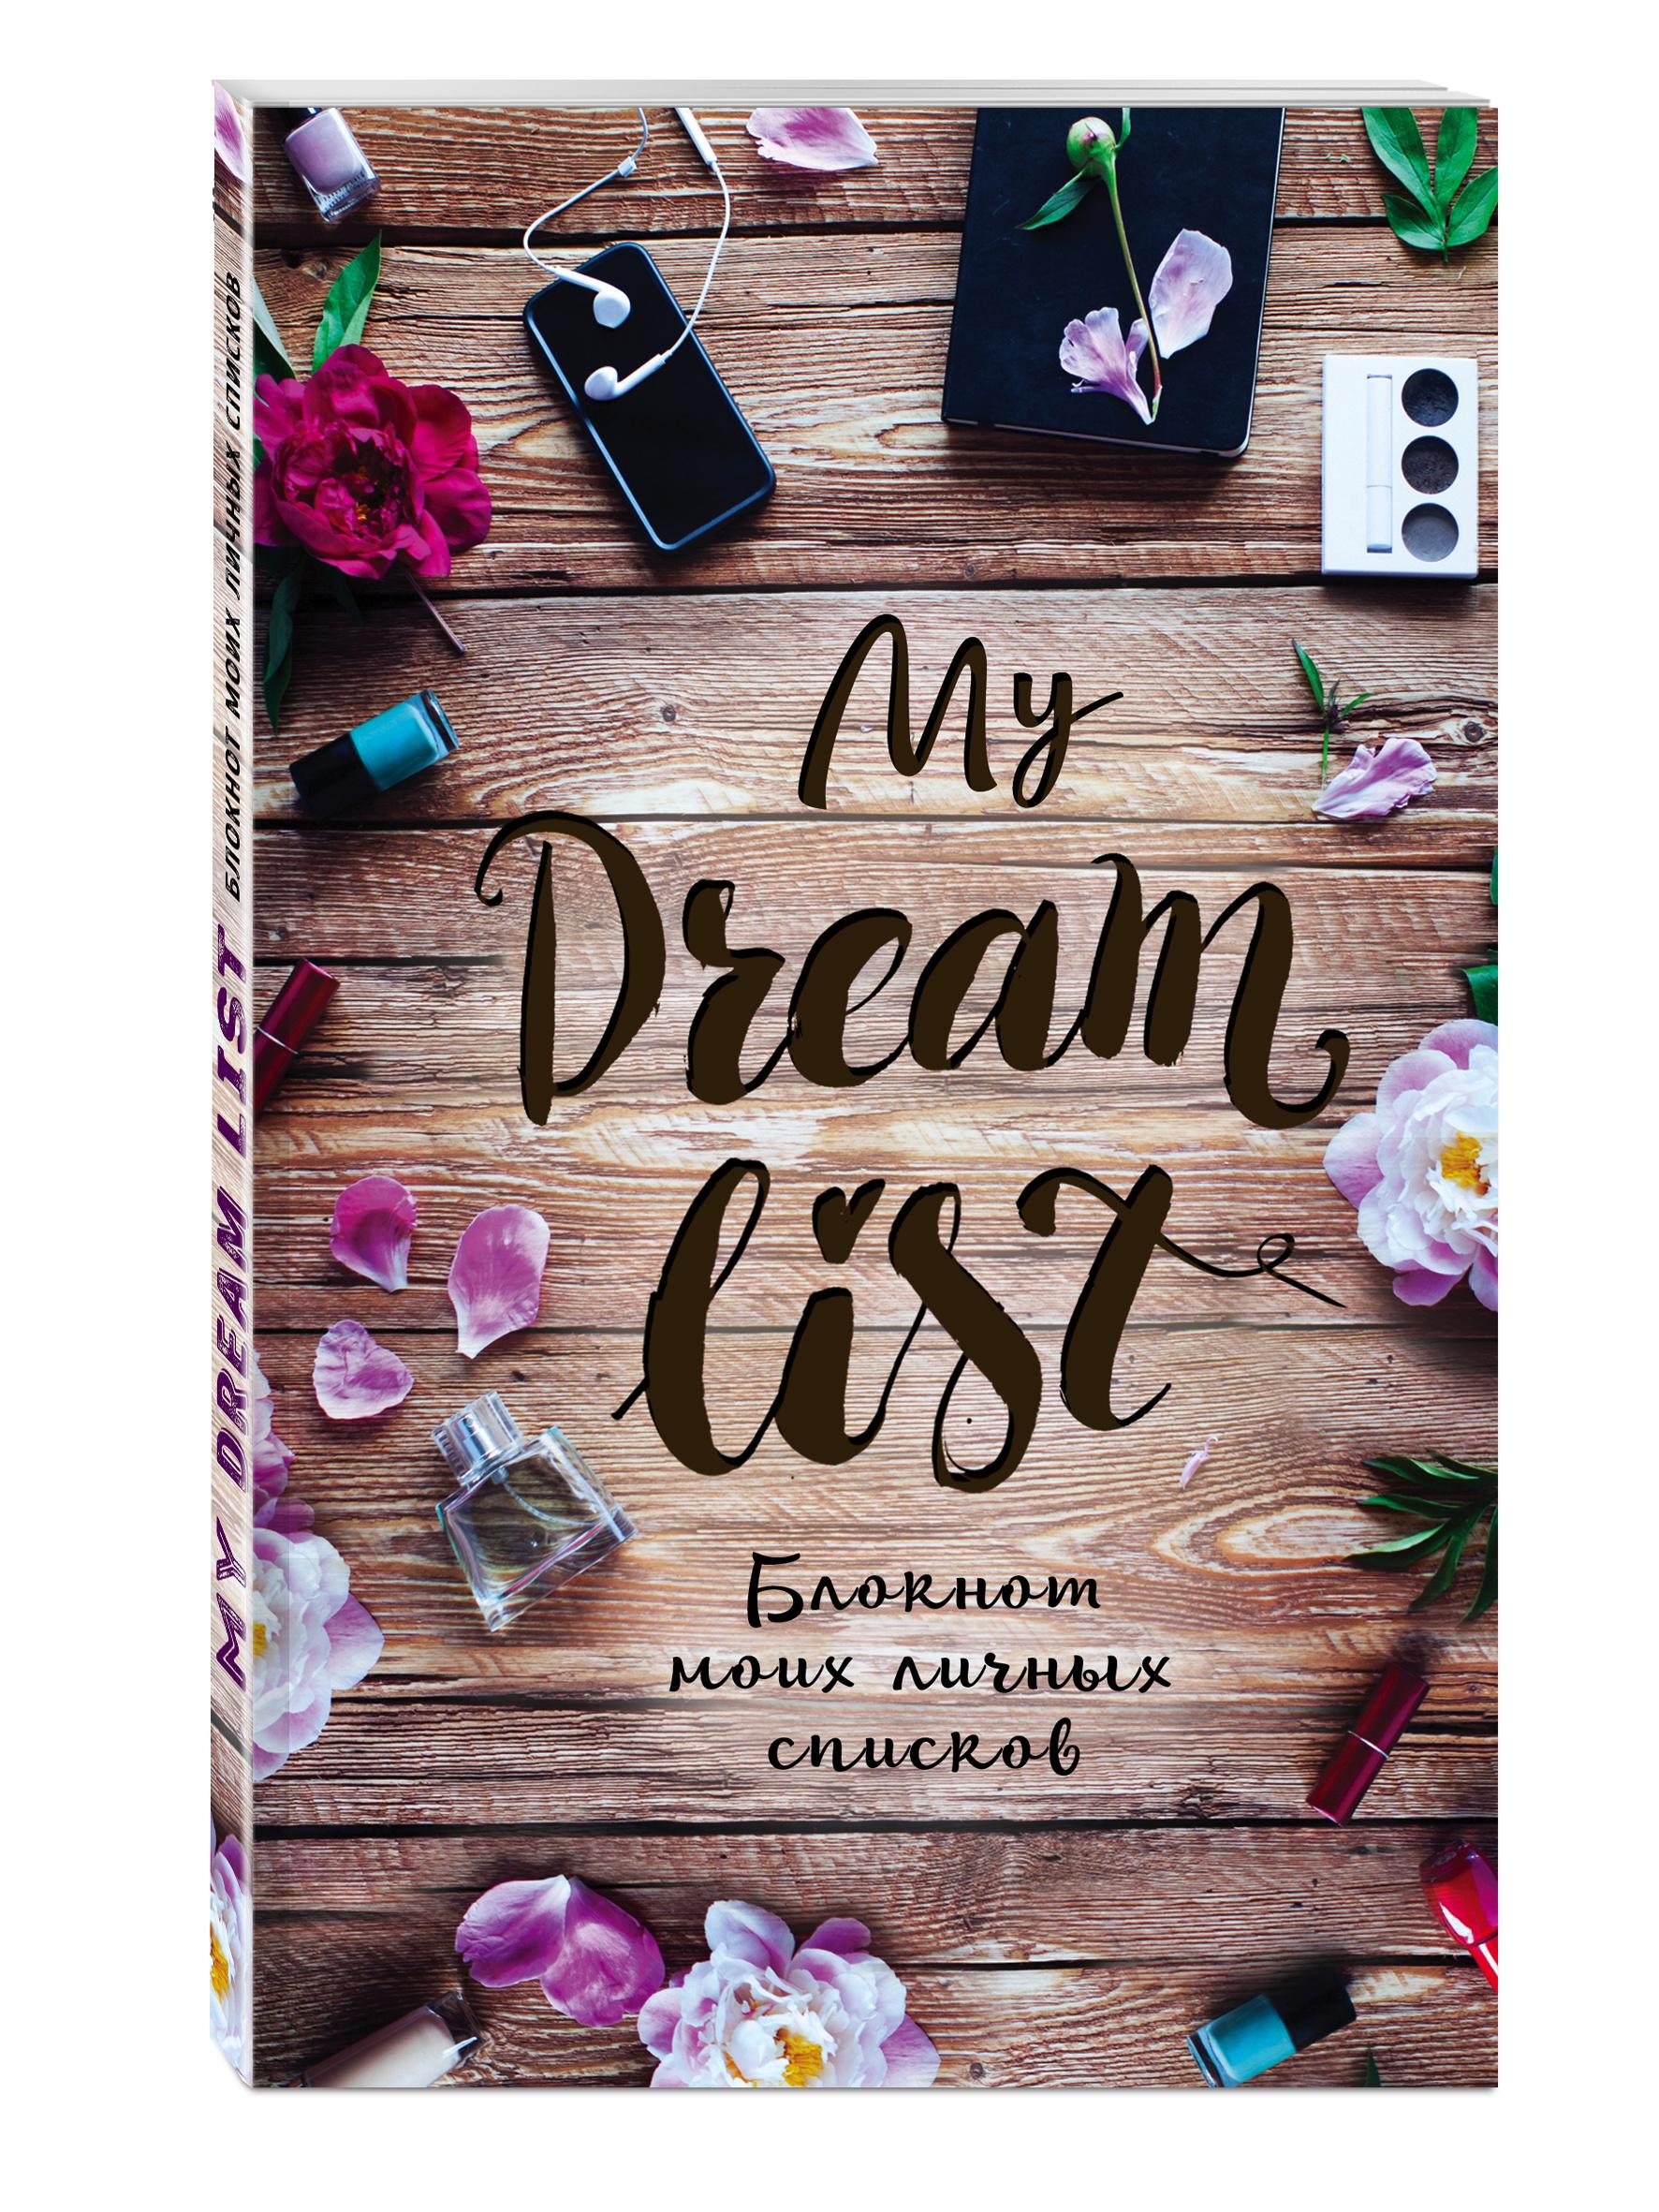 My dream list. Блокнот моих личных списков (обложка с цветами) от book24.ru